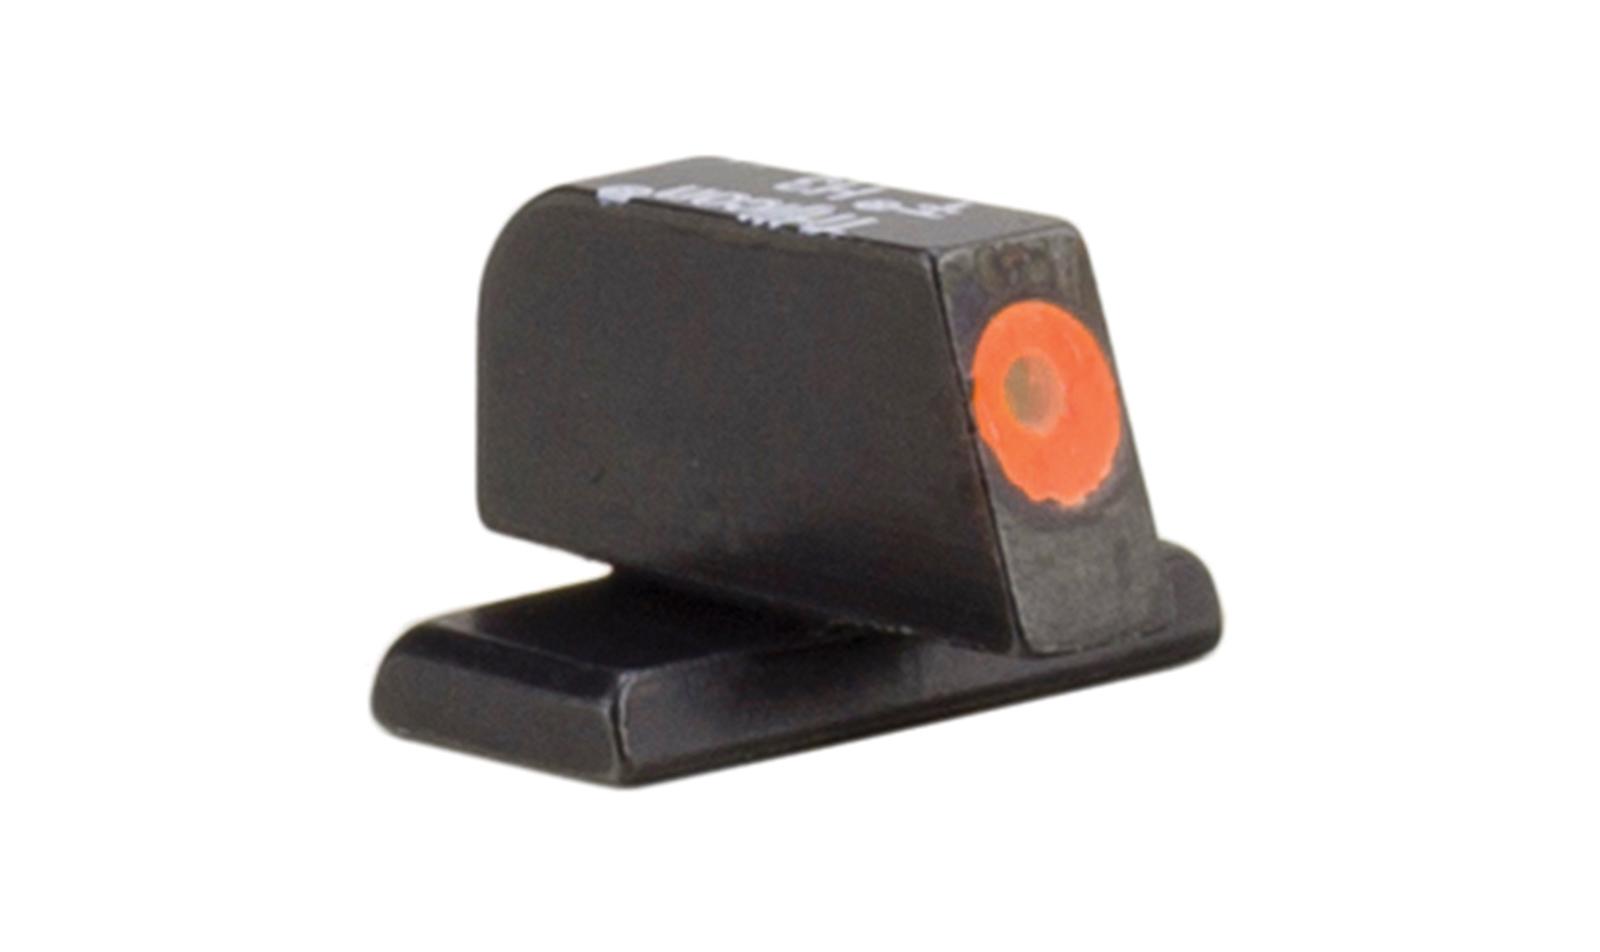 FN604-C-601002 angle 3